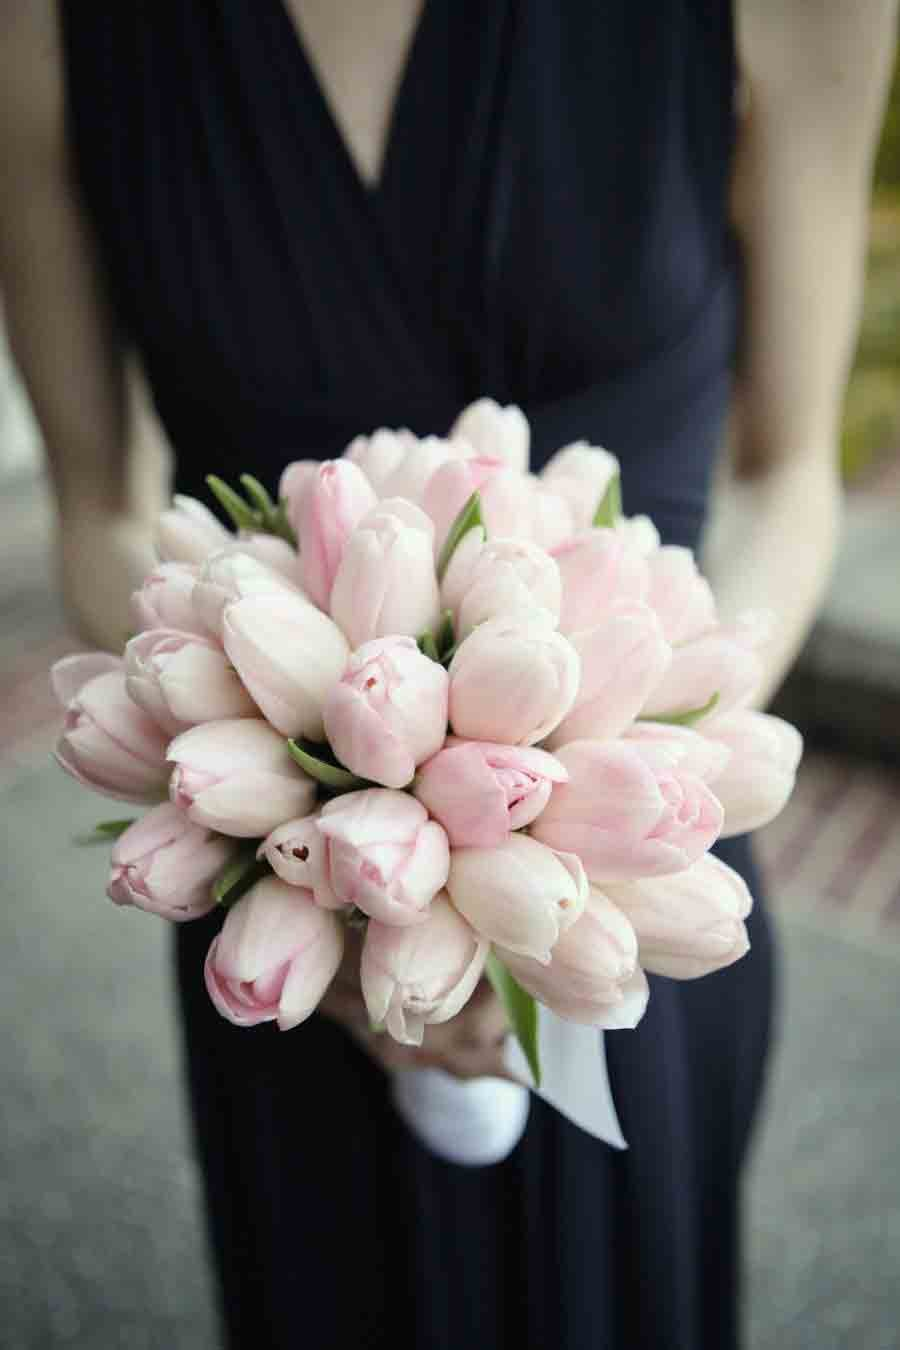 Нежный букет невесты из тюльпанов, цветы февраля фото